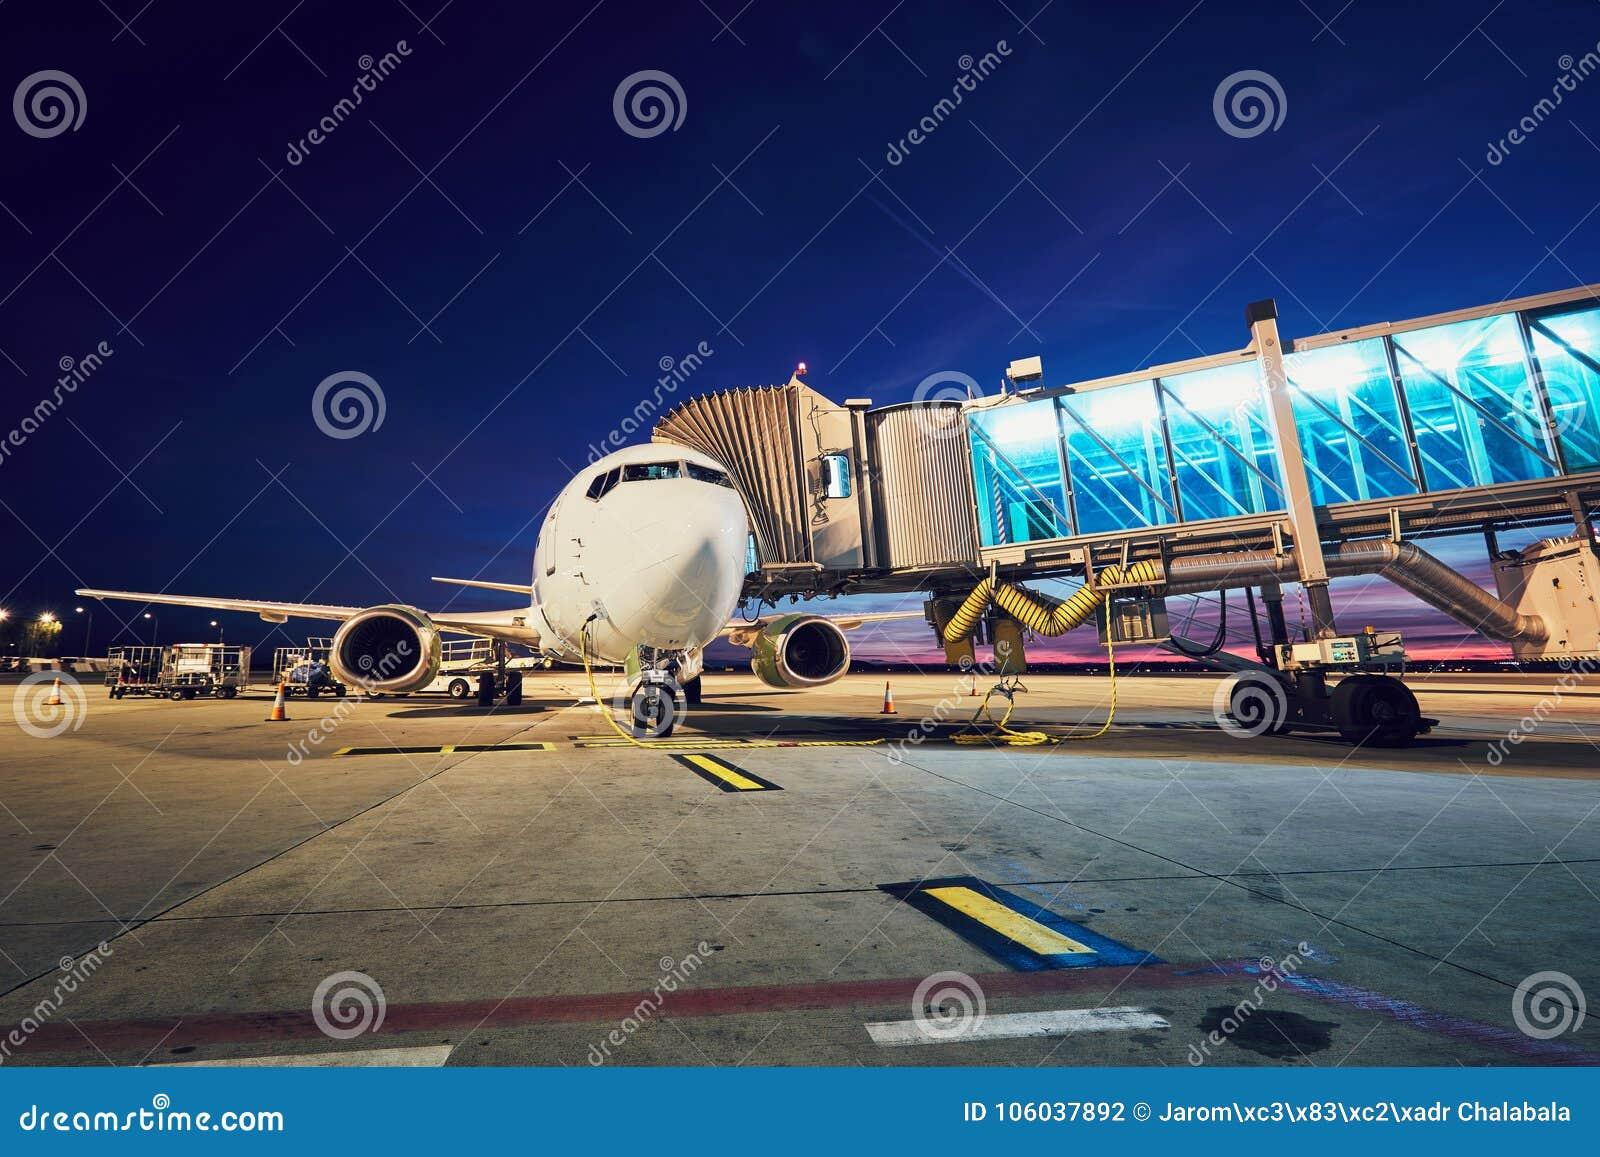 Upptagen flygplats efter solnedgång